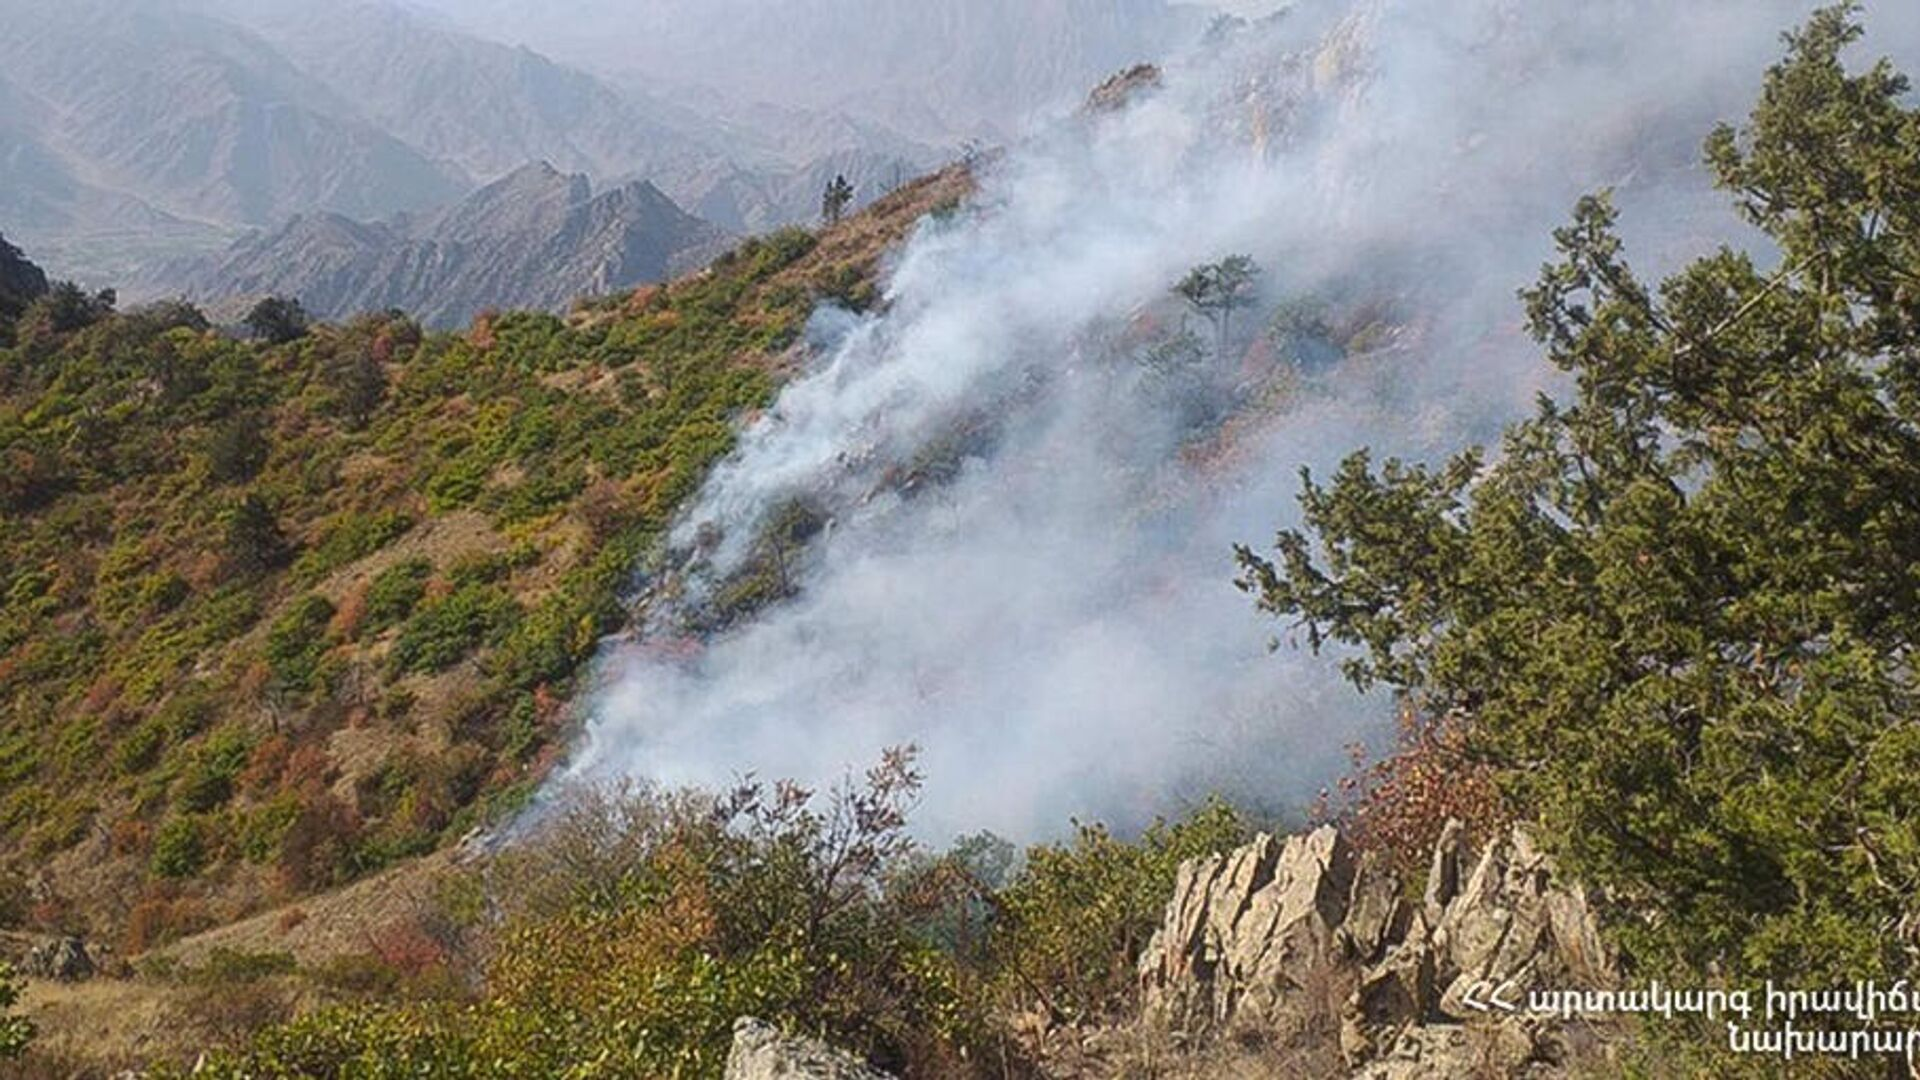 Пожар на территории национального парка Аревик - Sputnik Армения, 1920, 26.09.2021